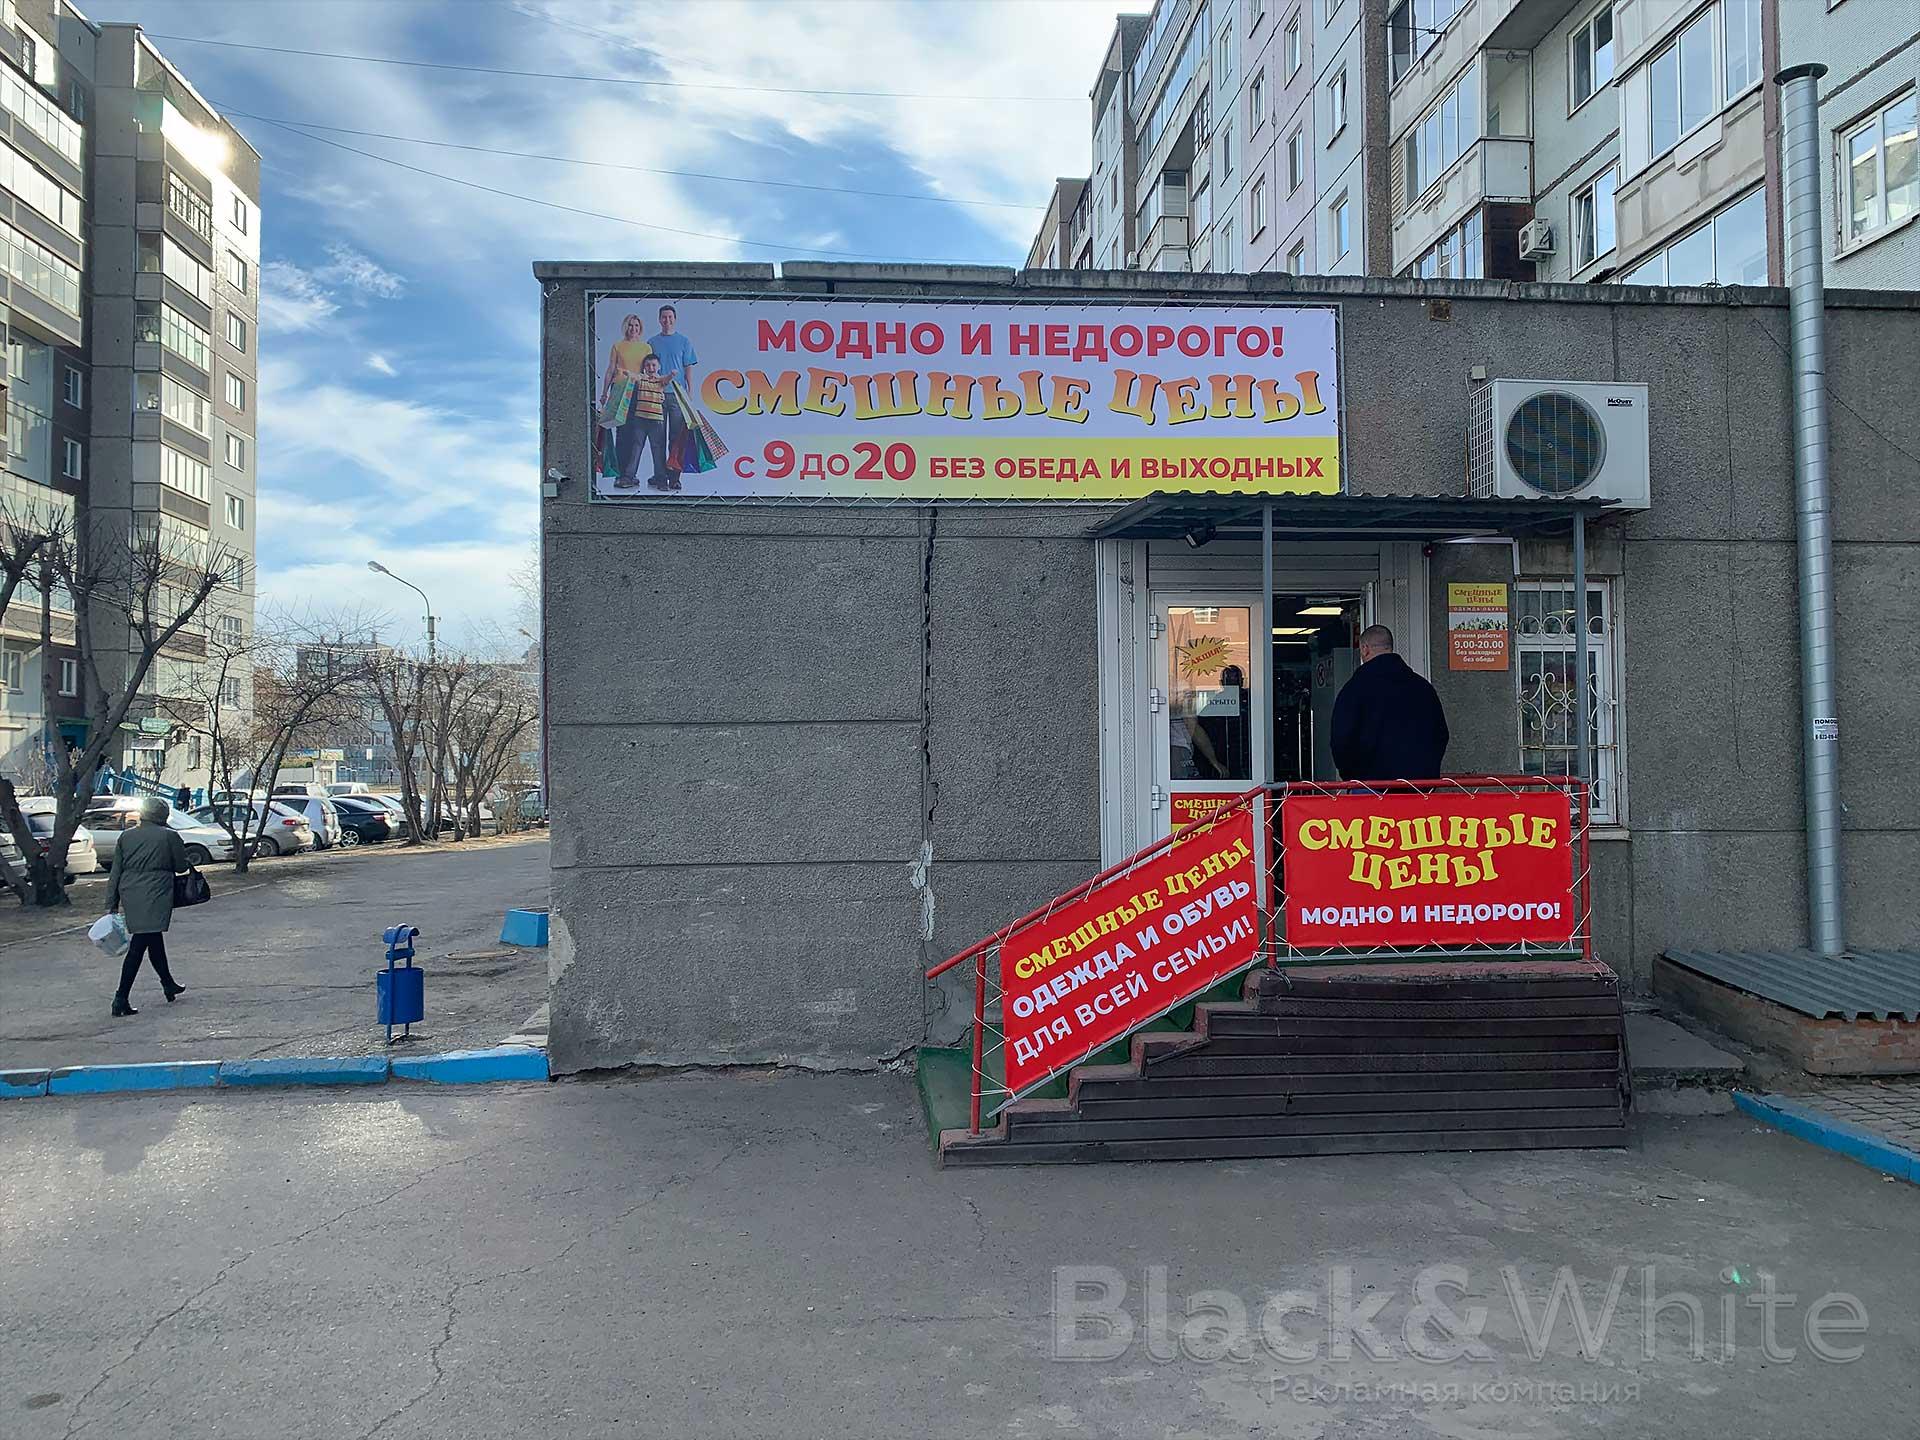 Печать-и-монтаж-баннеров-в-красноярске-изготовление-рамы-для-баннера-Black-&-White....jpg